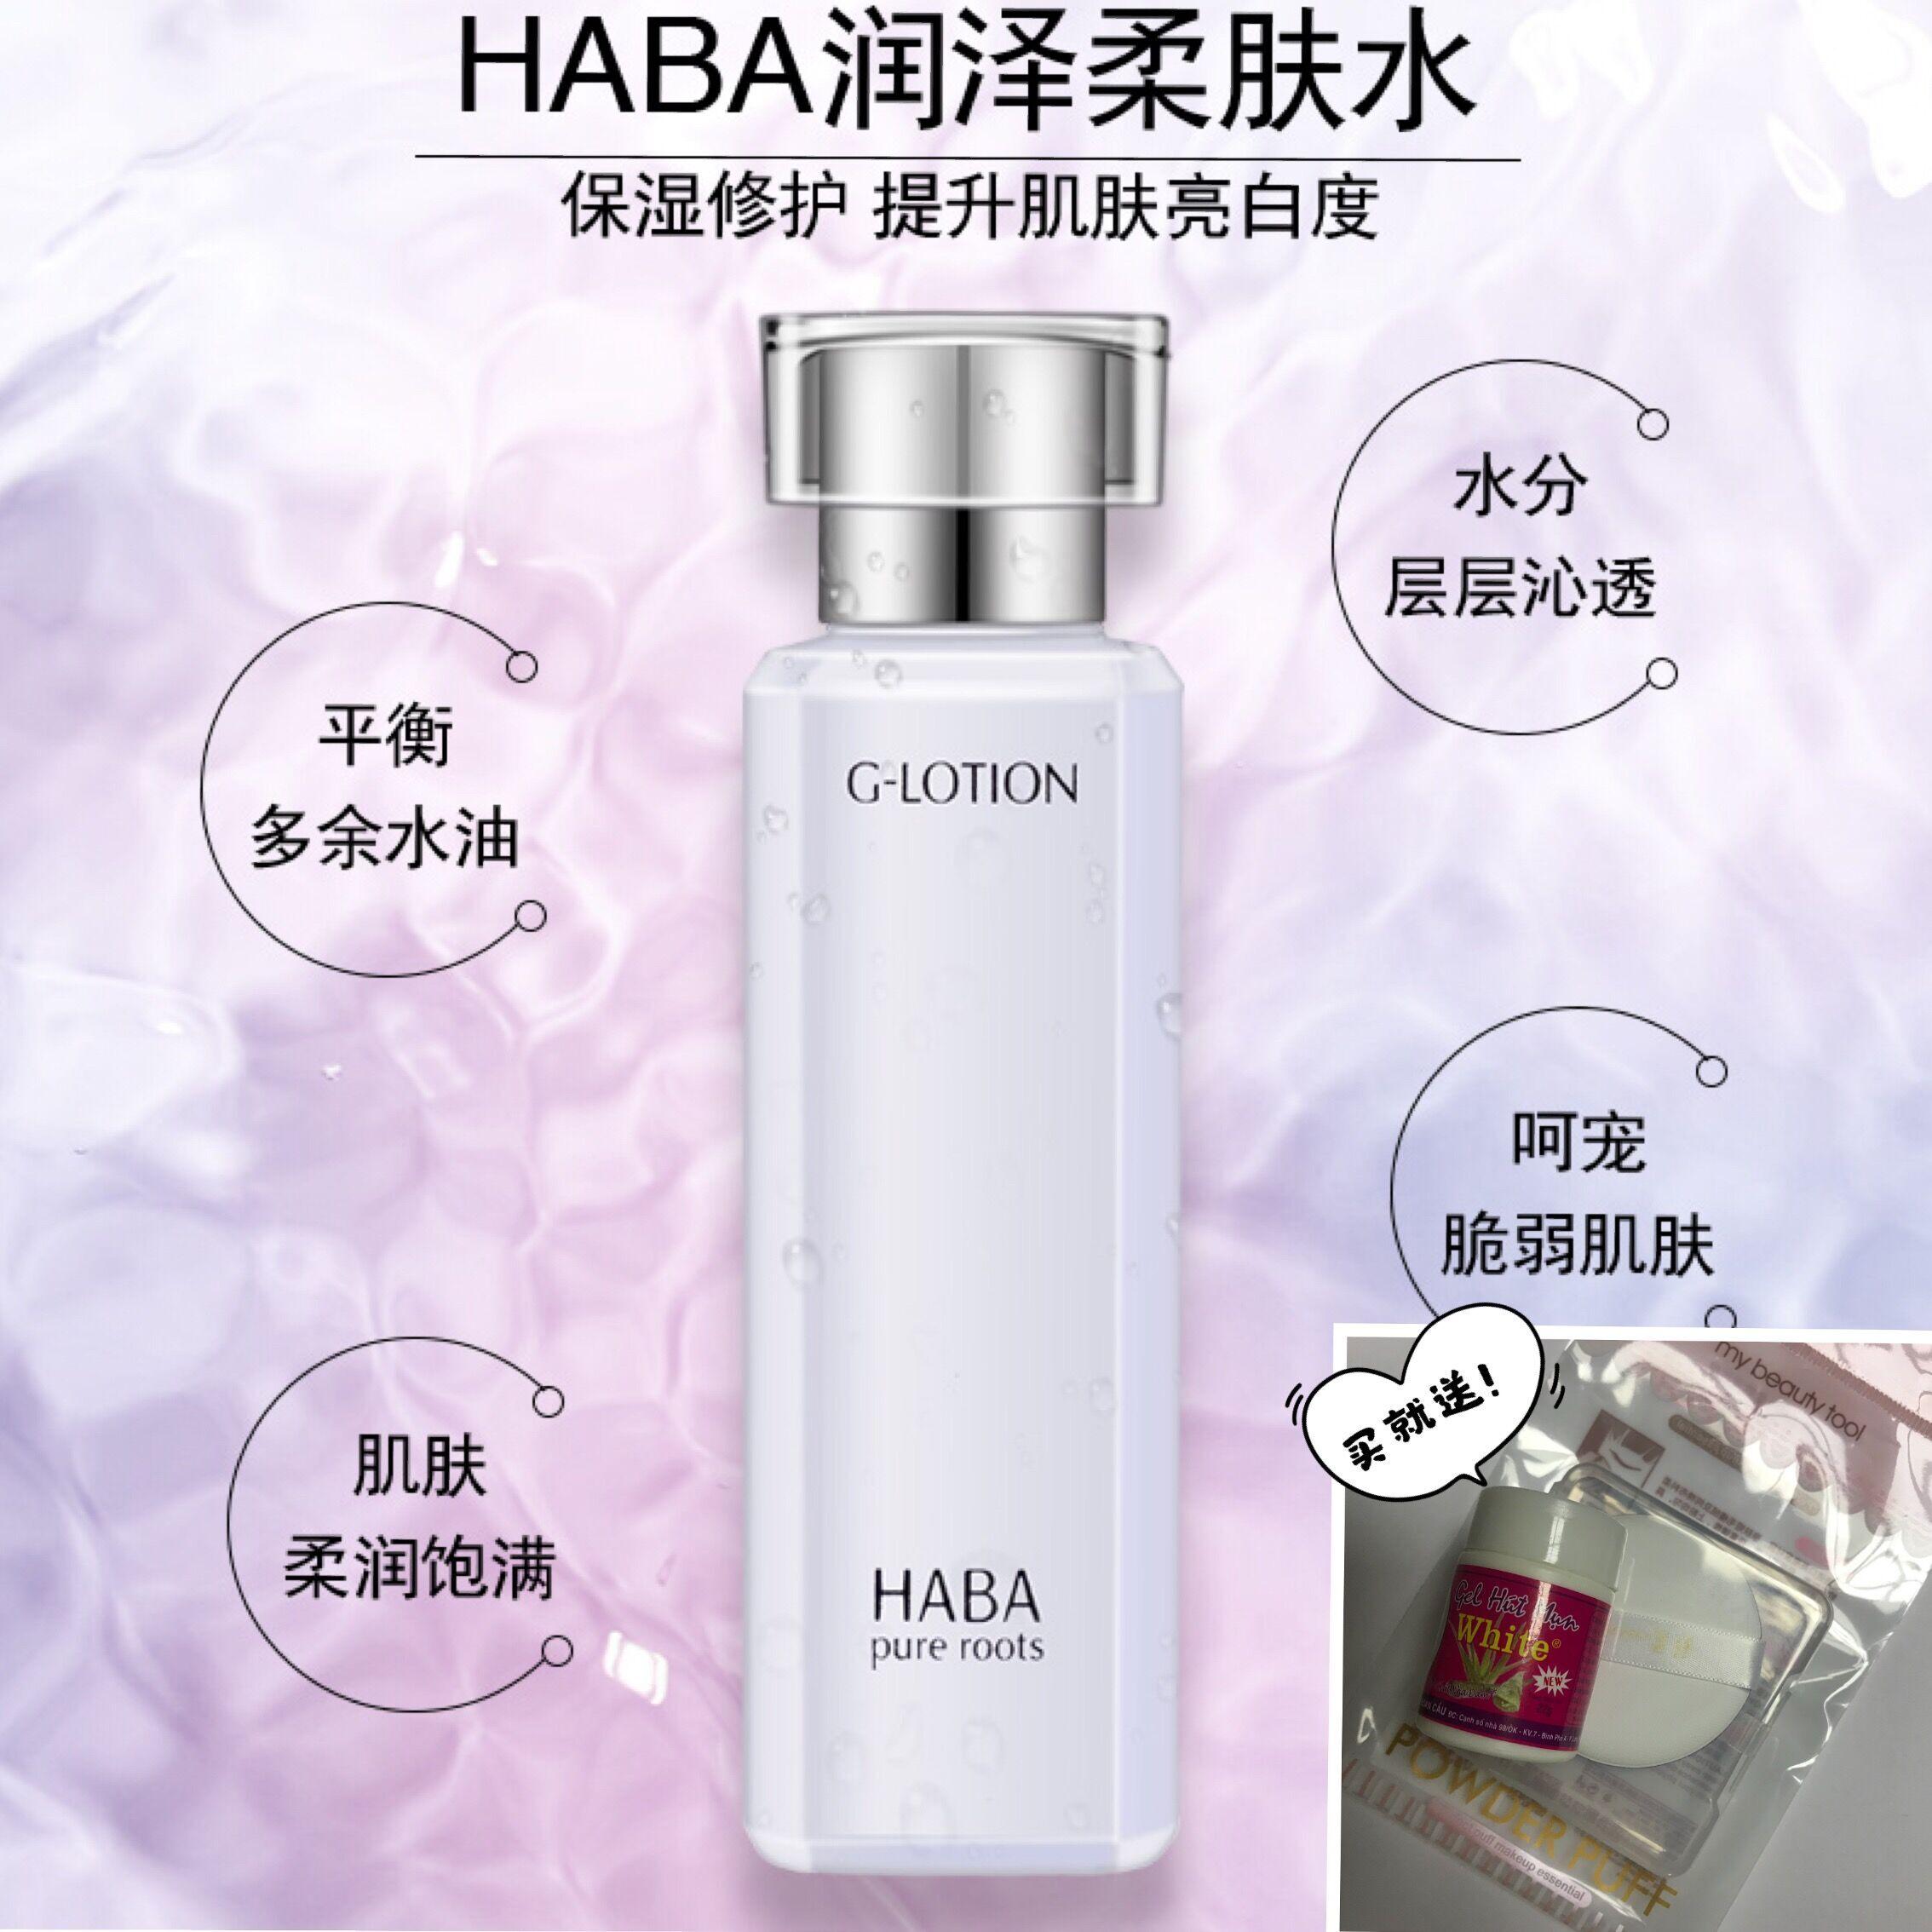 日本HABA G水润泽柔肤水 补水保湿爽肤水 G露化妆水180ml孕妇可用